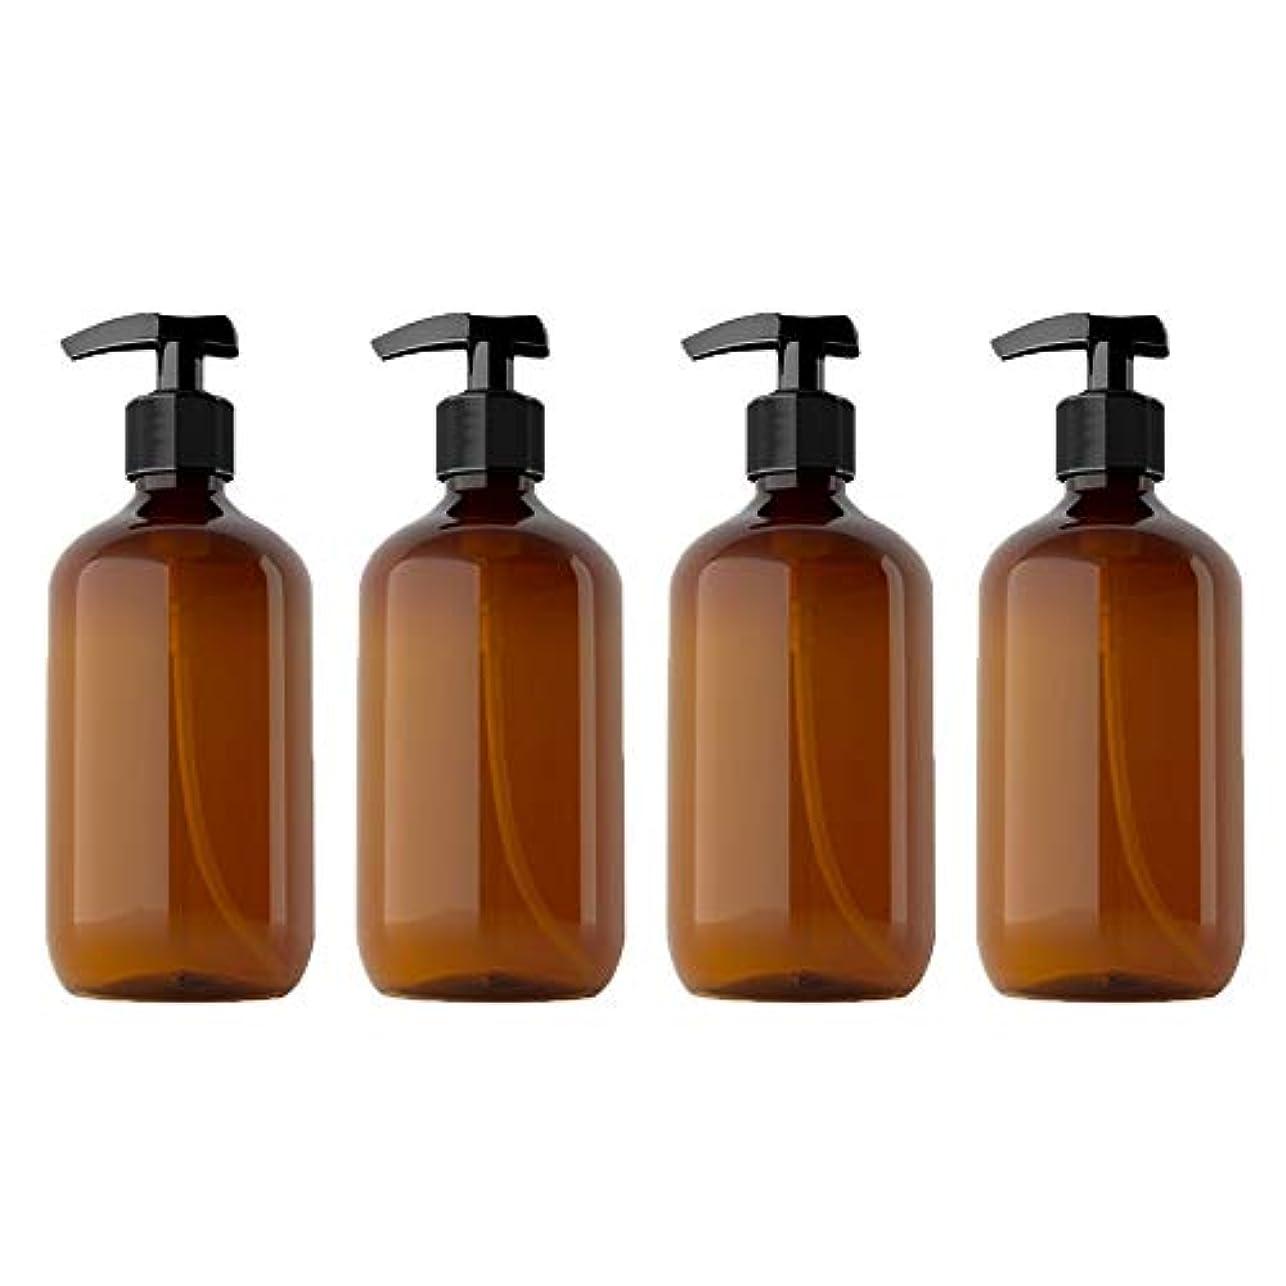 分類法律により気楽な500mlペットローションボトルシャンプーボトル、4パック空のPlasticプラスチックポンプボトル、詰め替えローション液体石鹸ポンプエッセンシャルオイル、クリーニング製品、ローションの茶色のボトル